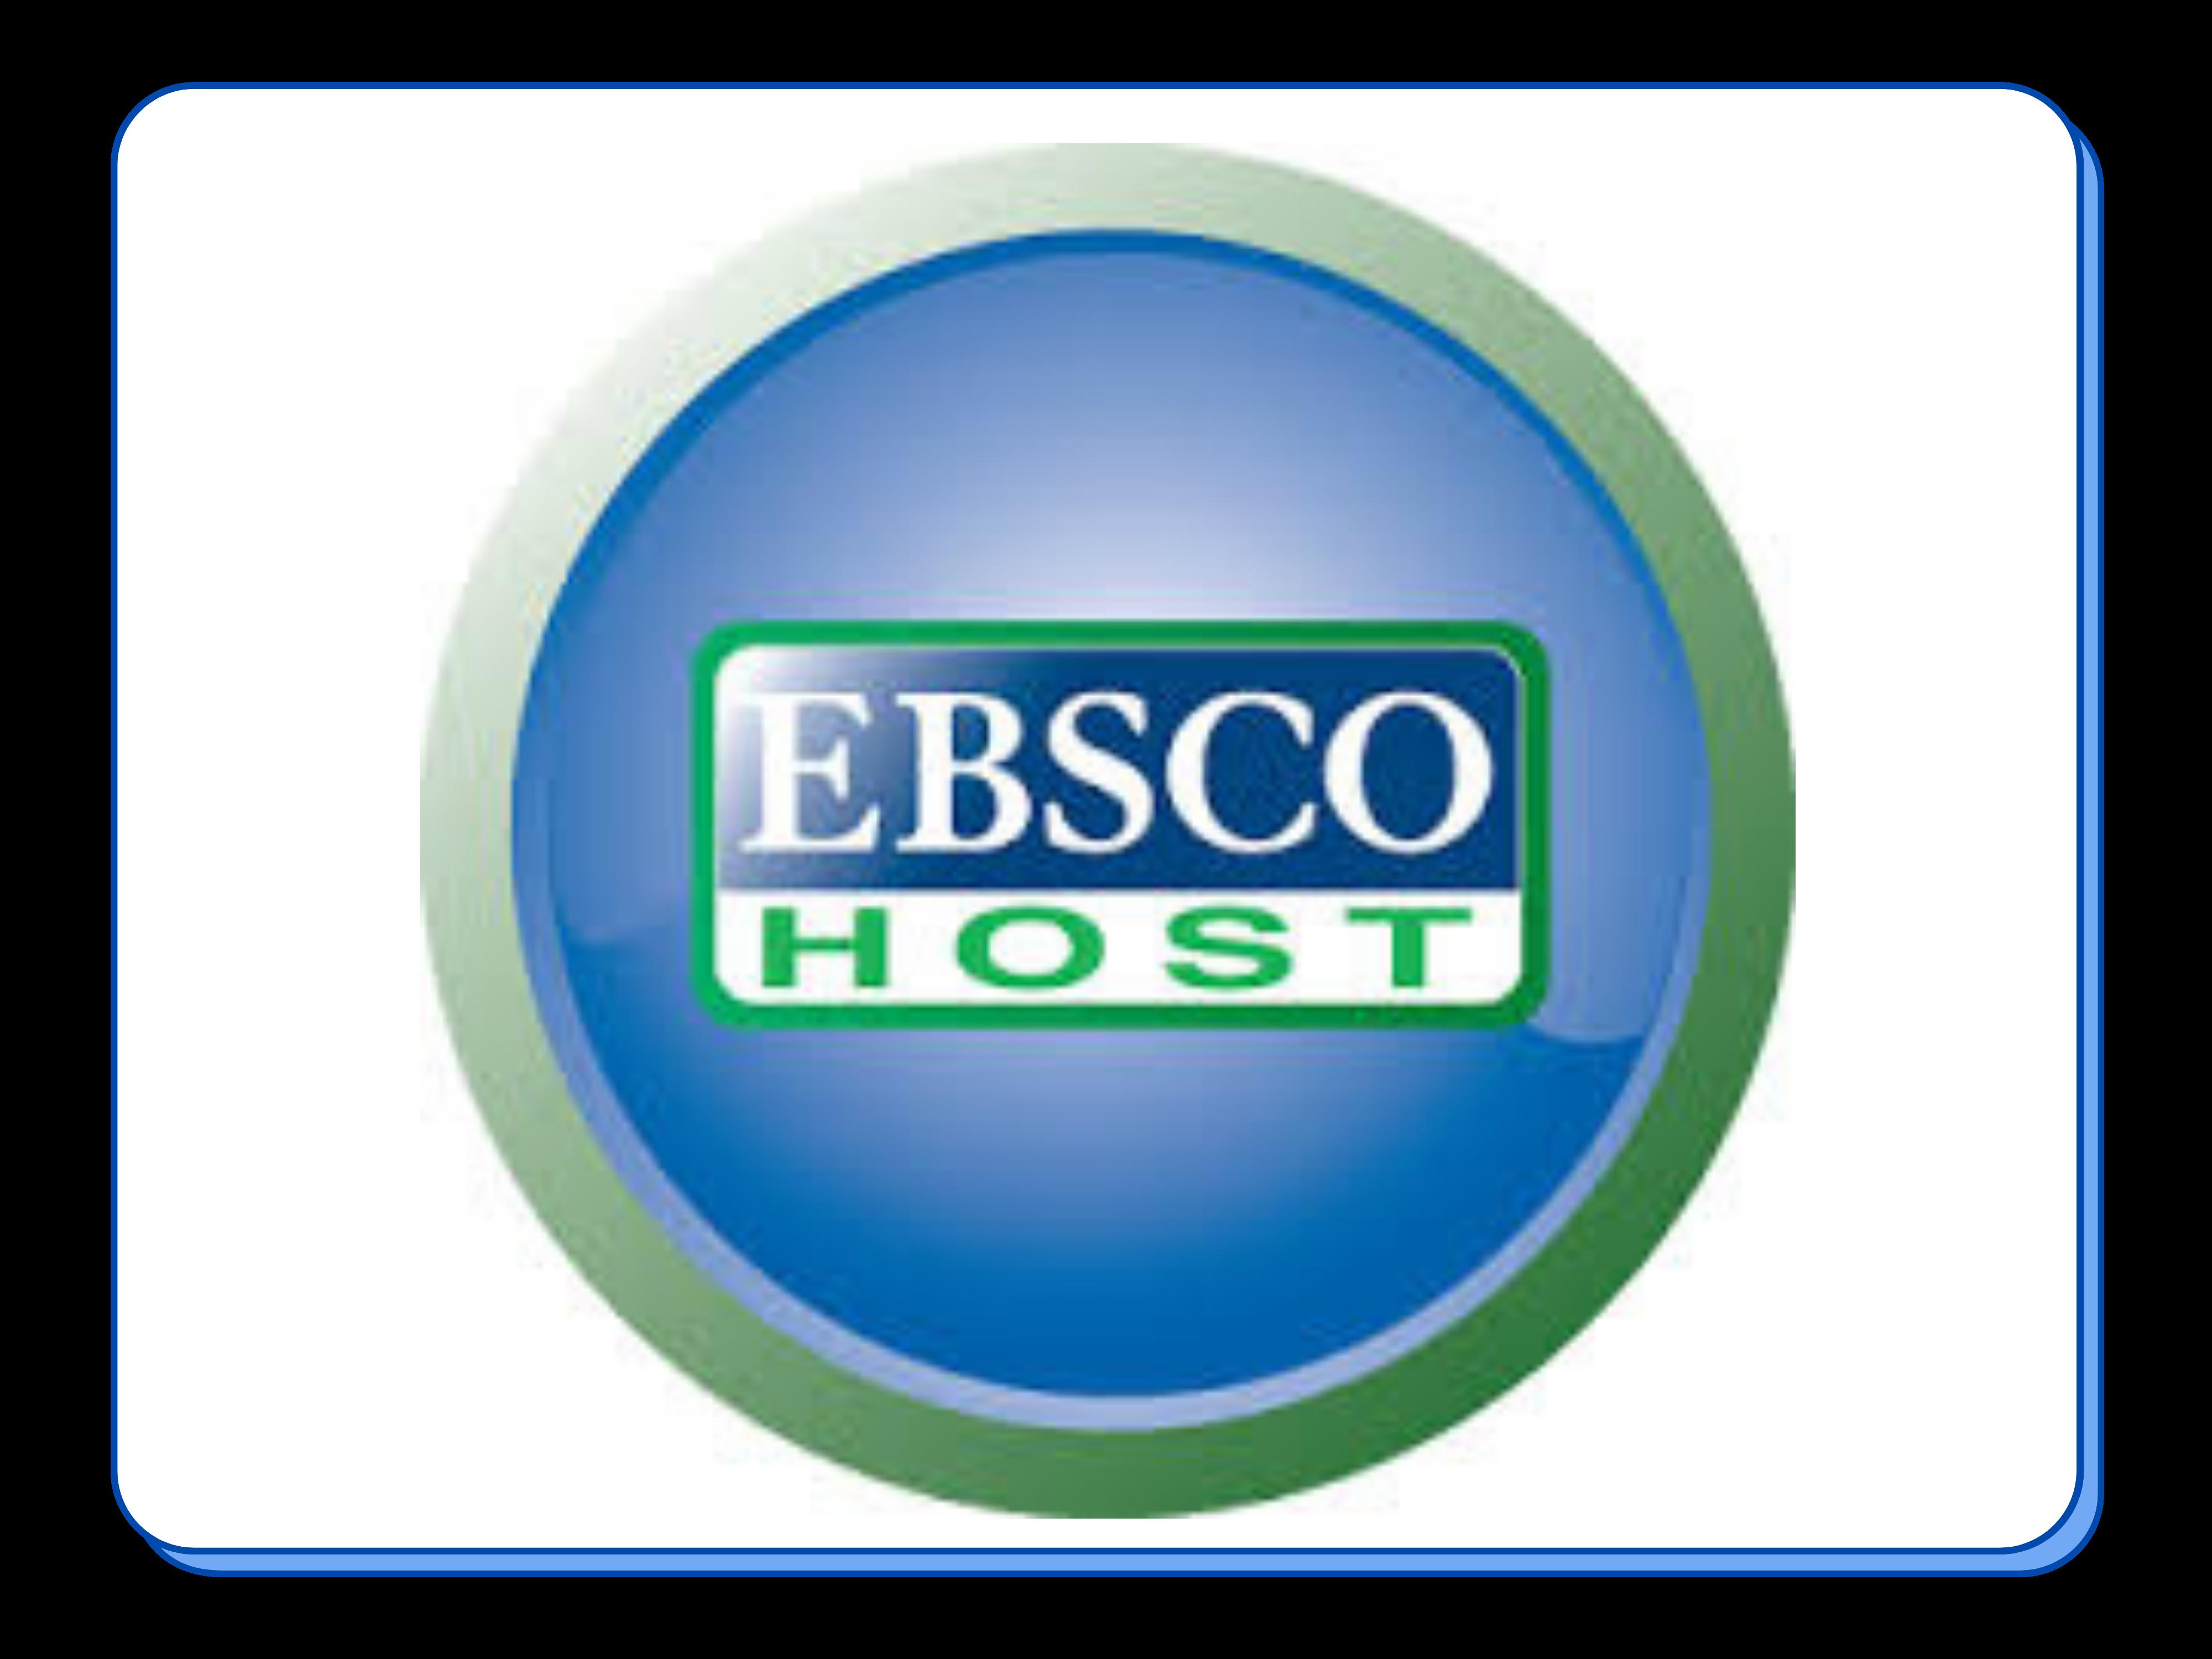 EBSC Host logo